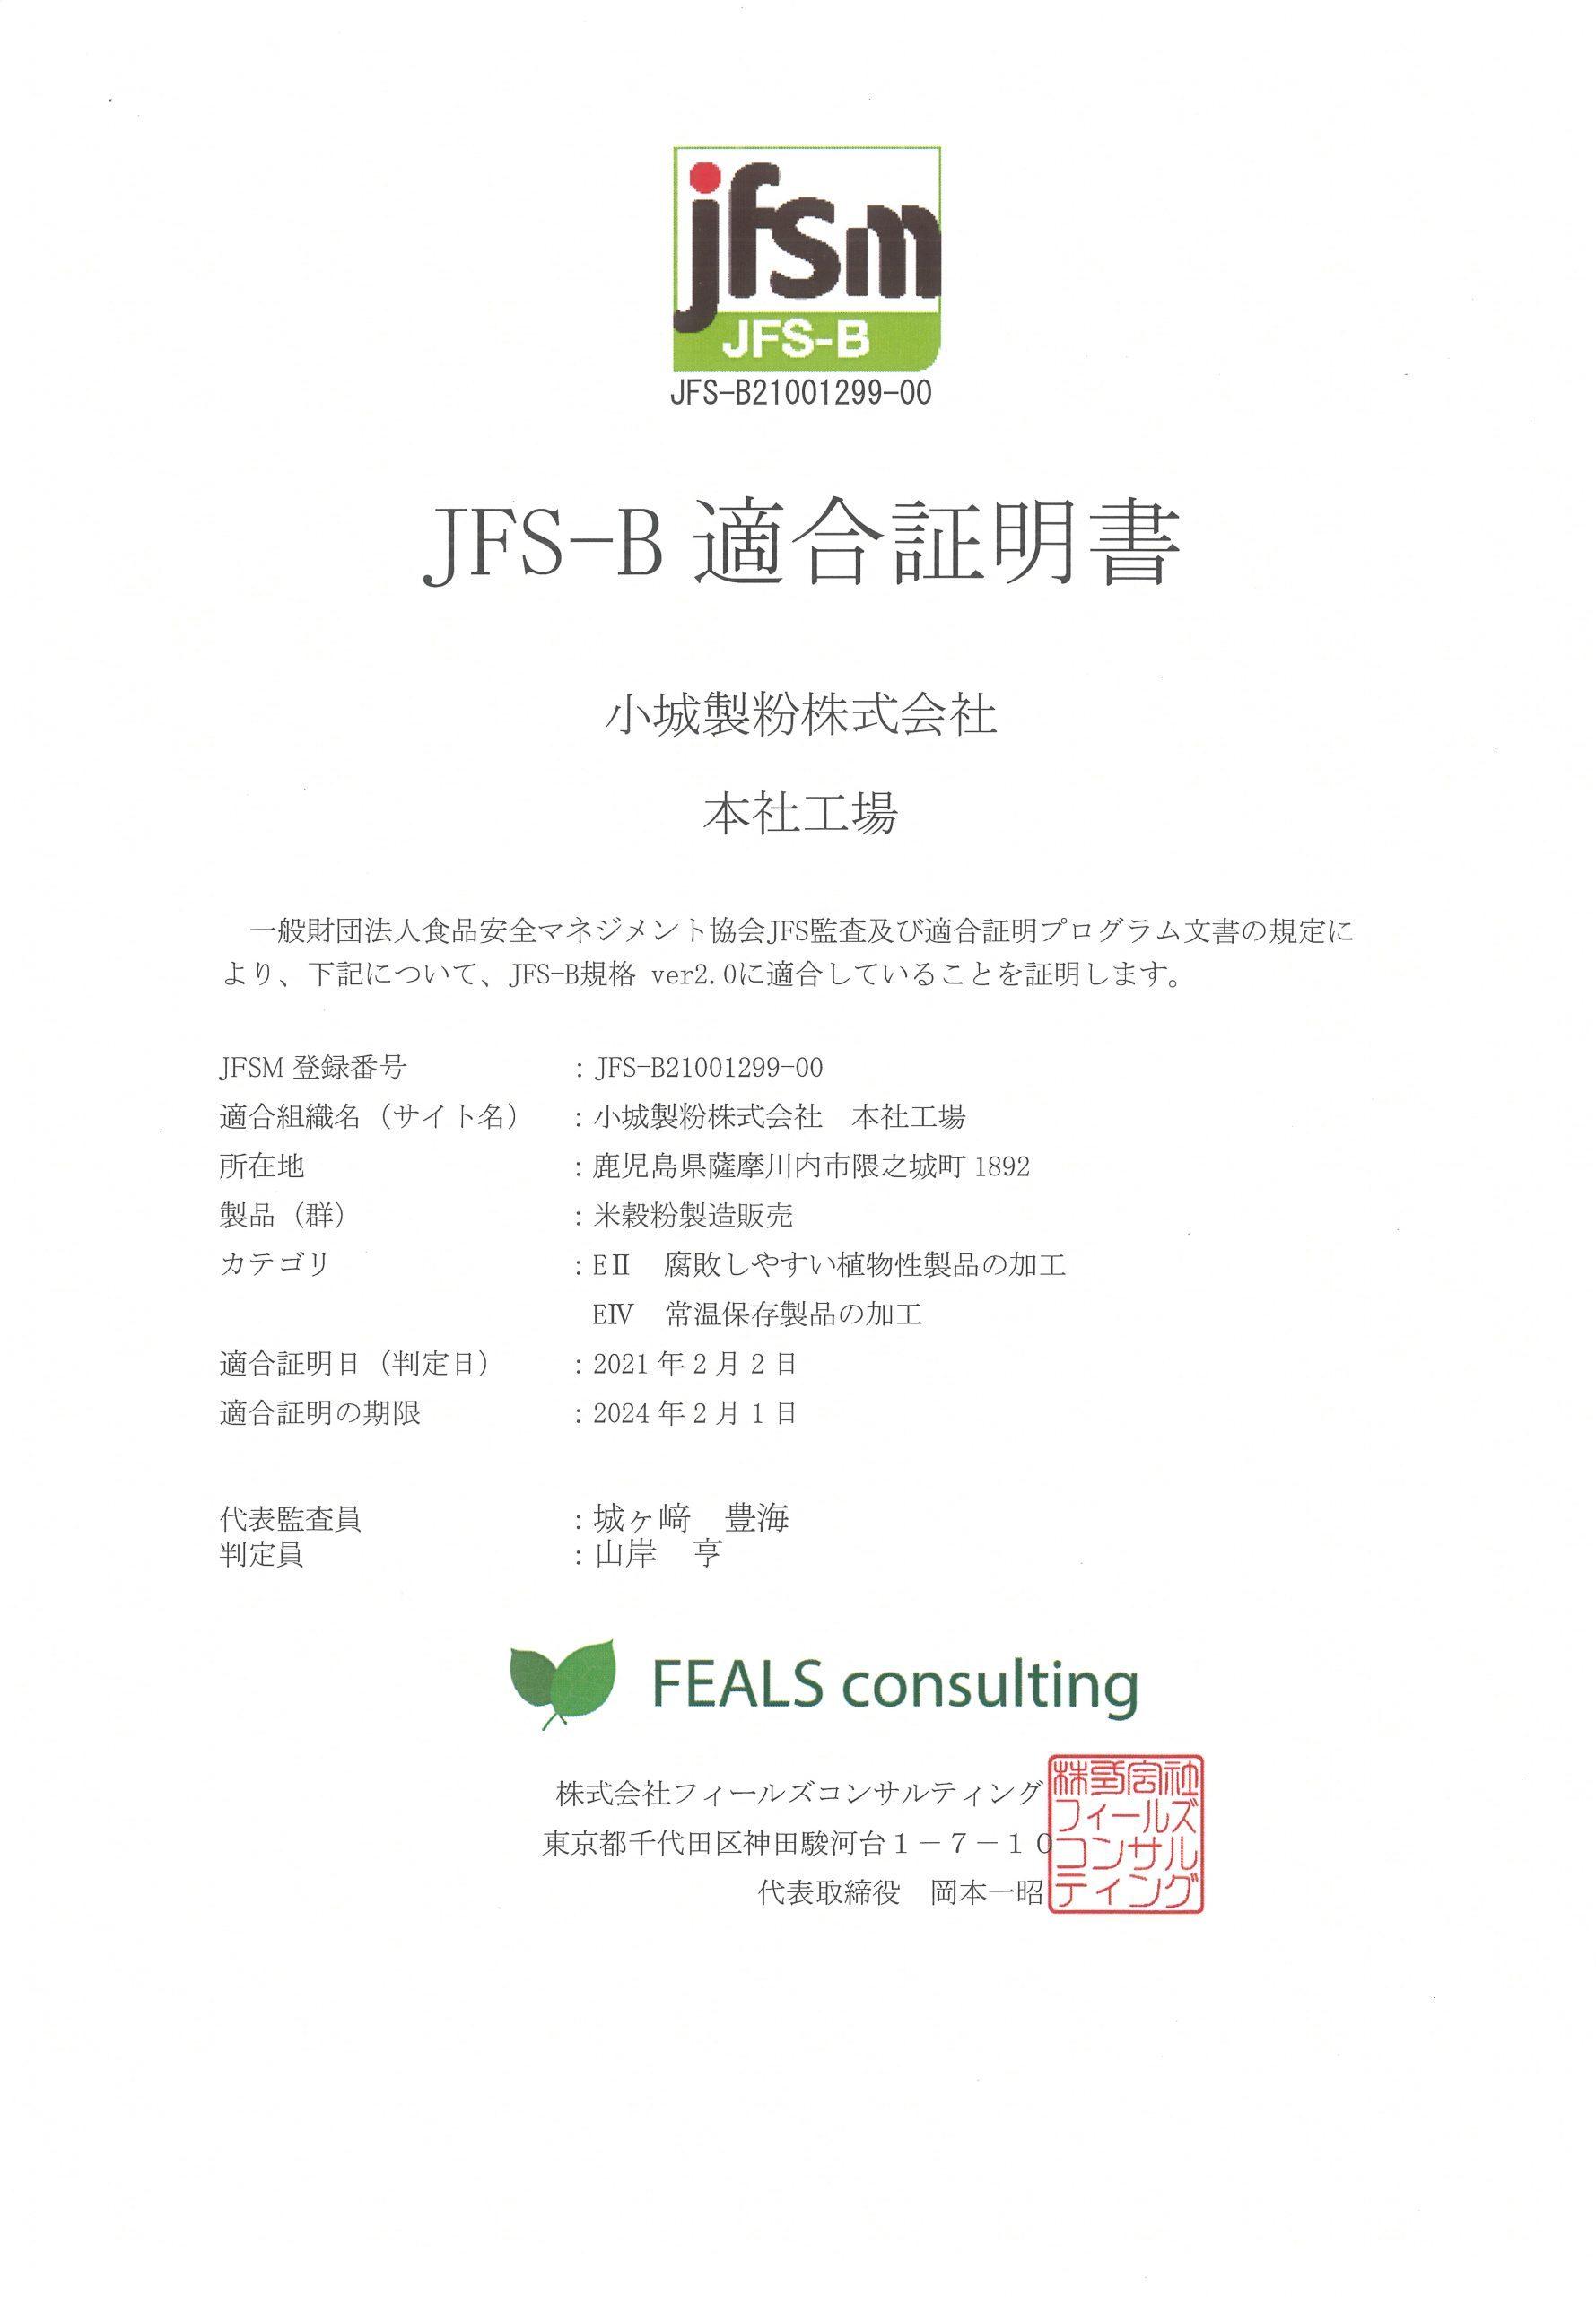 JFS-B適合証明書